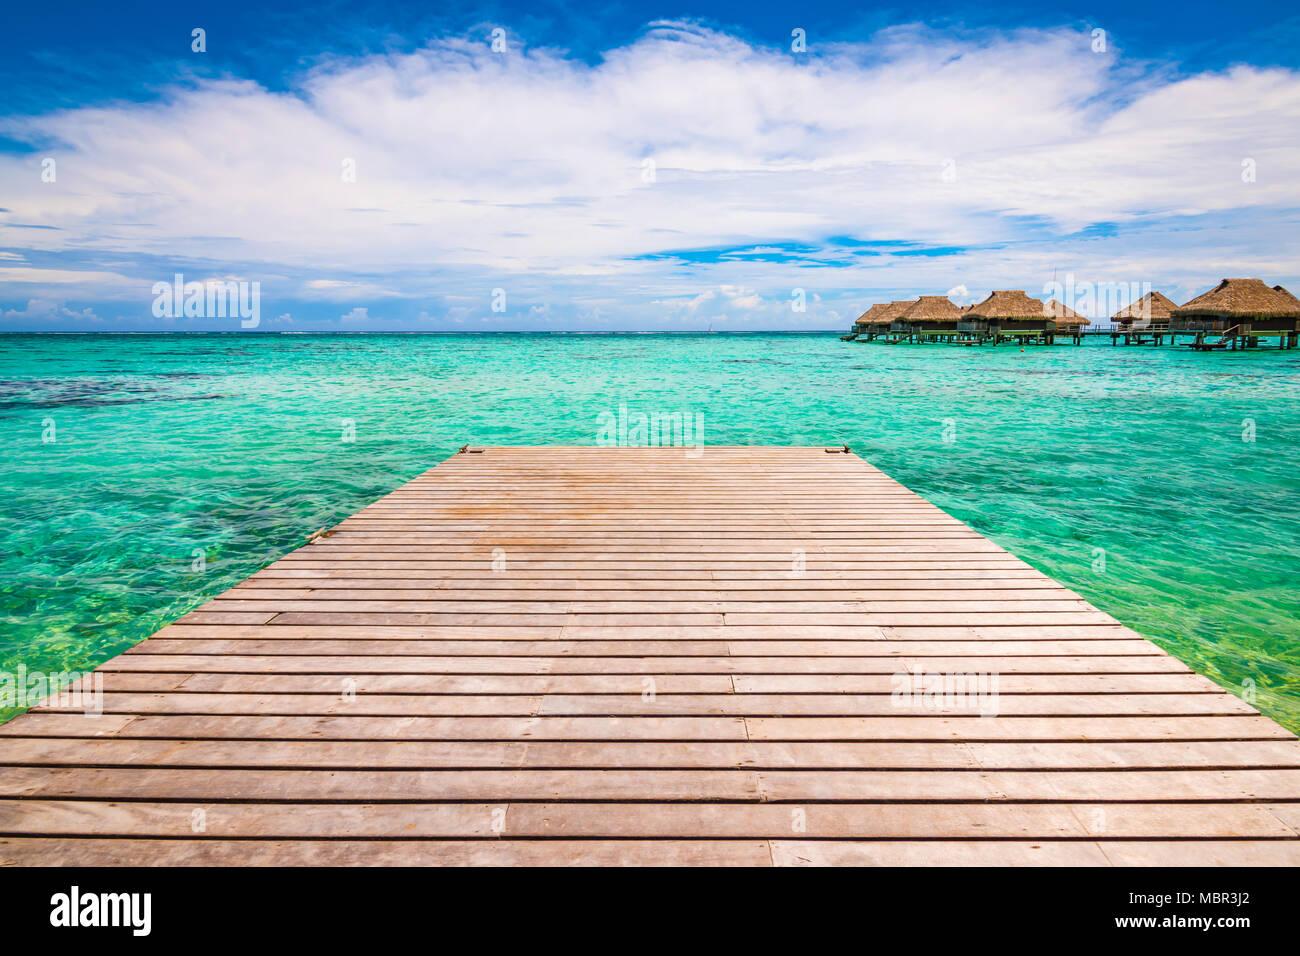 Jetée en bois tropicaux sur la jetée ou blue lagoon. Paysage paradisiaque. Concept de vacances d'été. Photo Stock